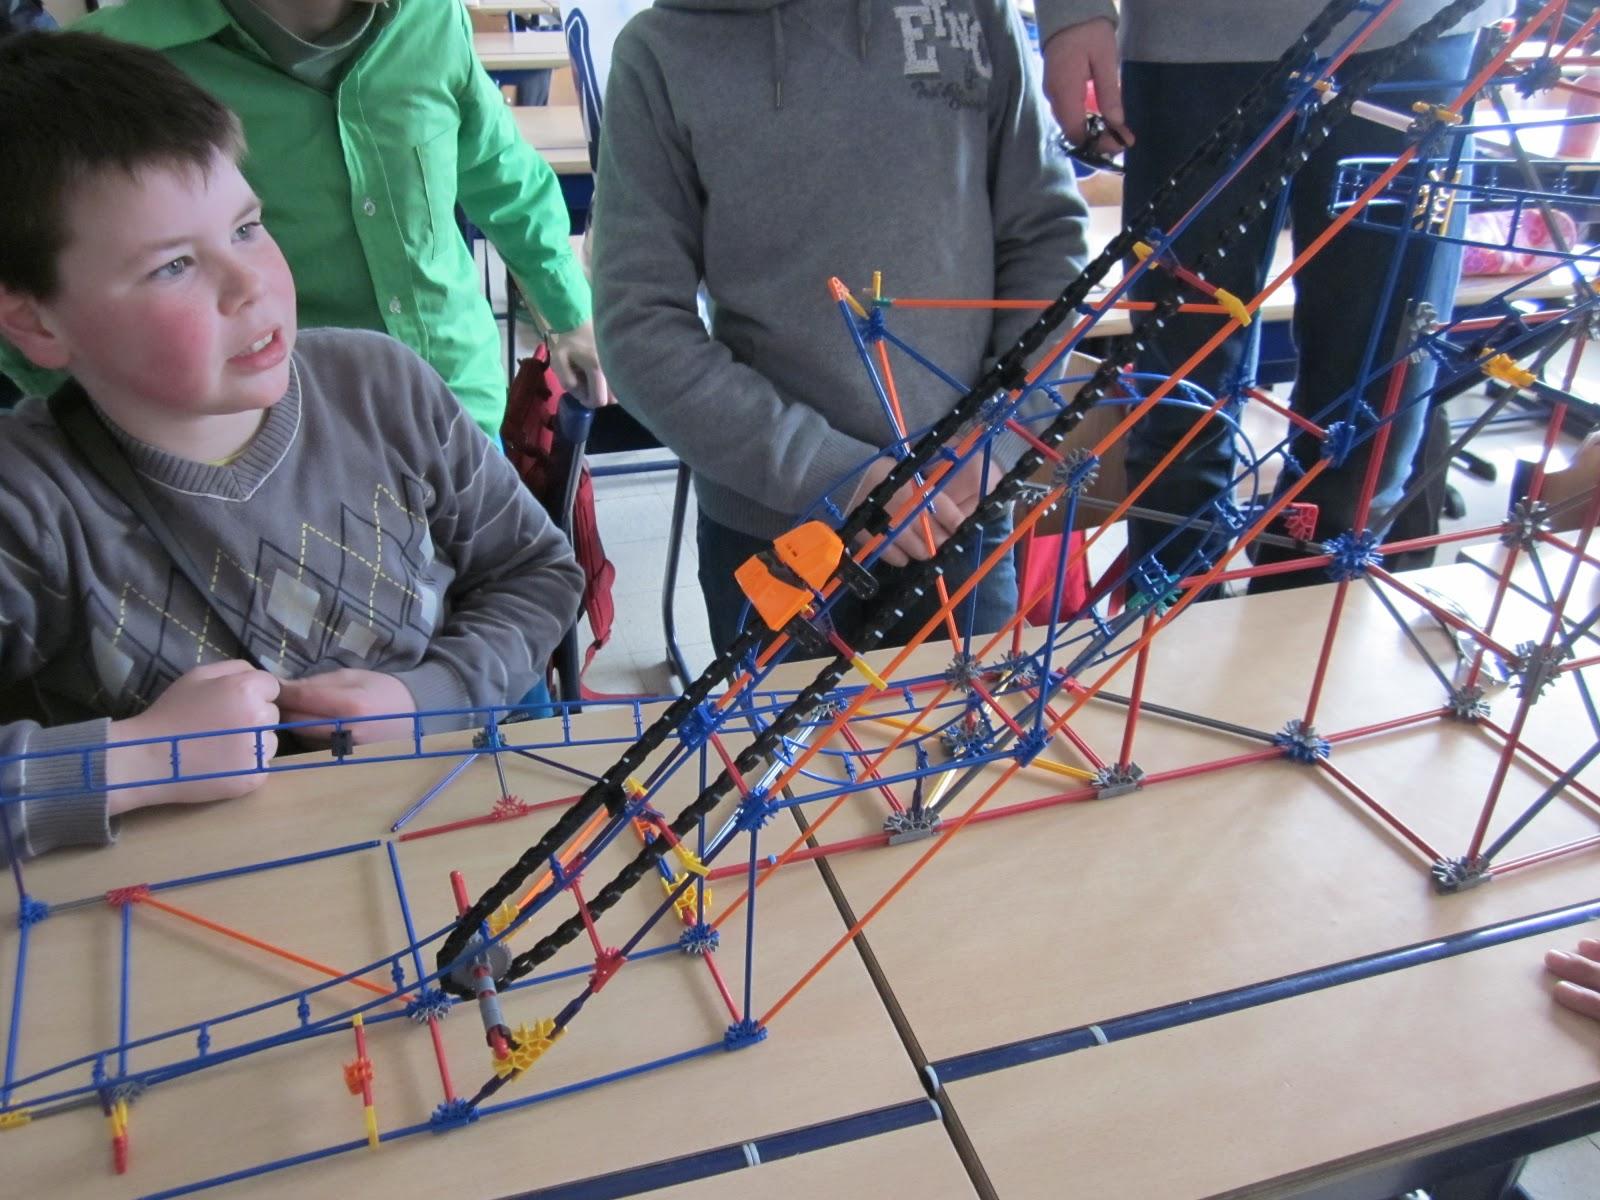 Beroemd vijfde leerjaar: Techniek in de klas: bouwen van roetsjbaan met Knex UP74